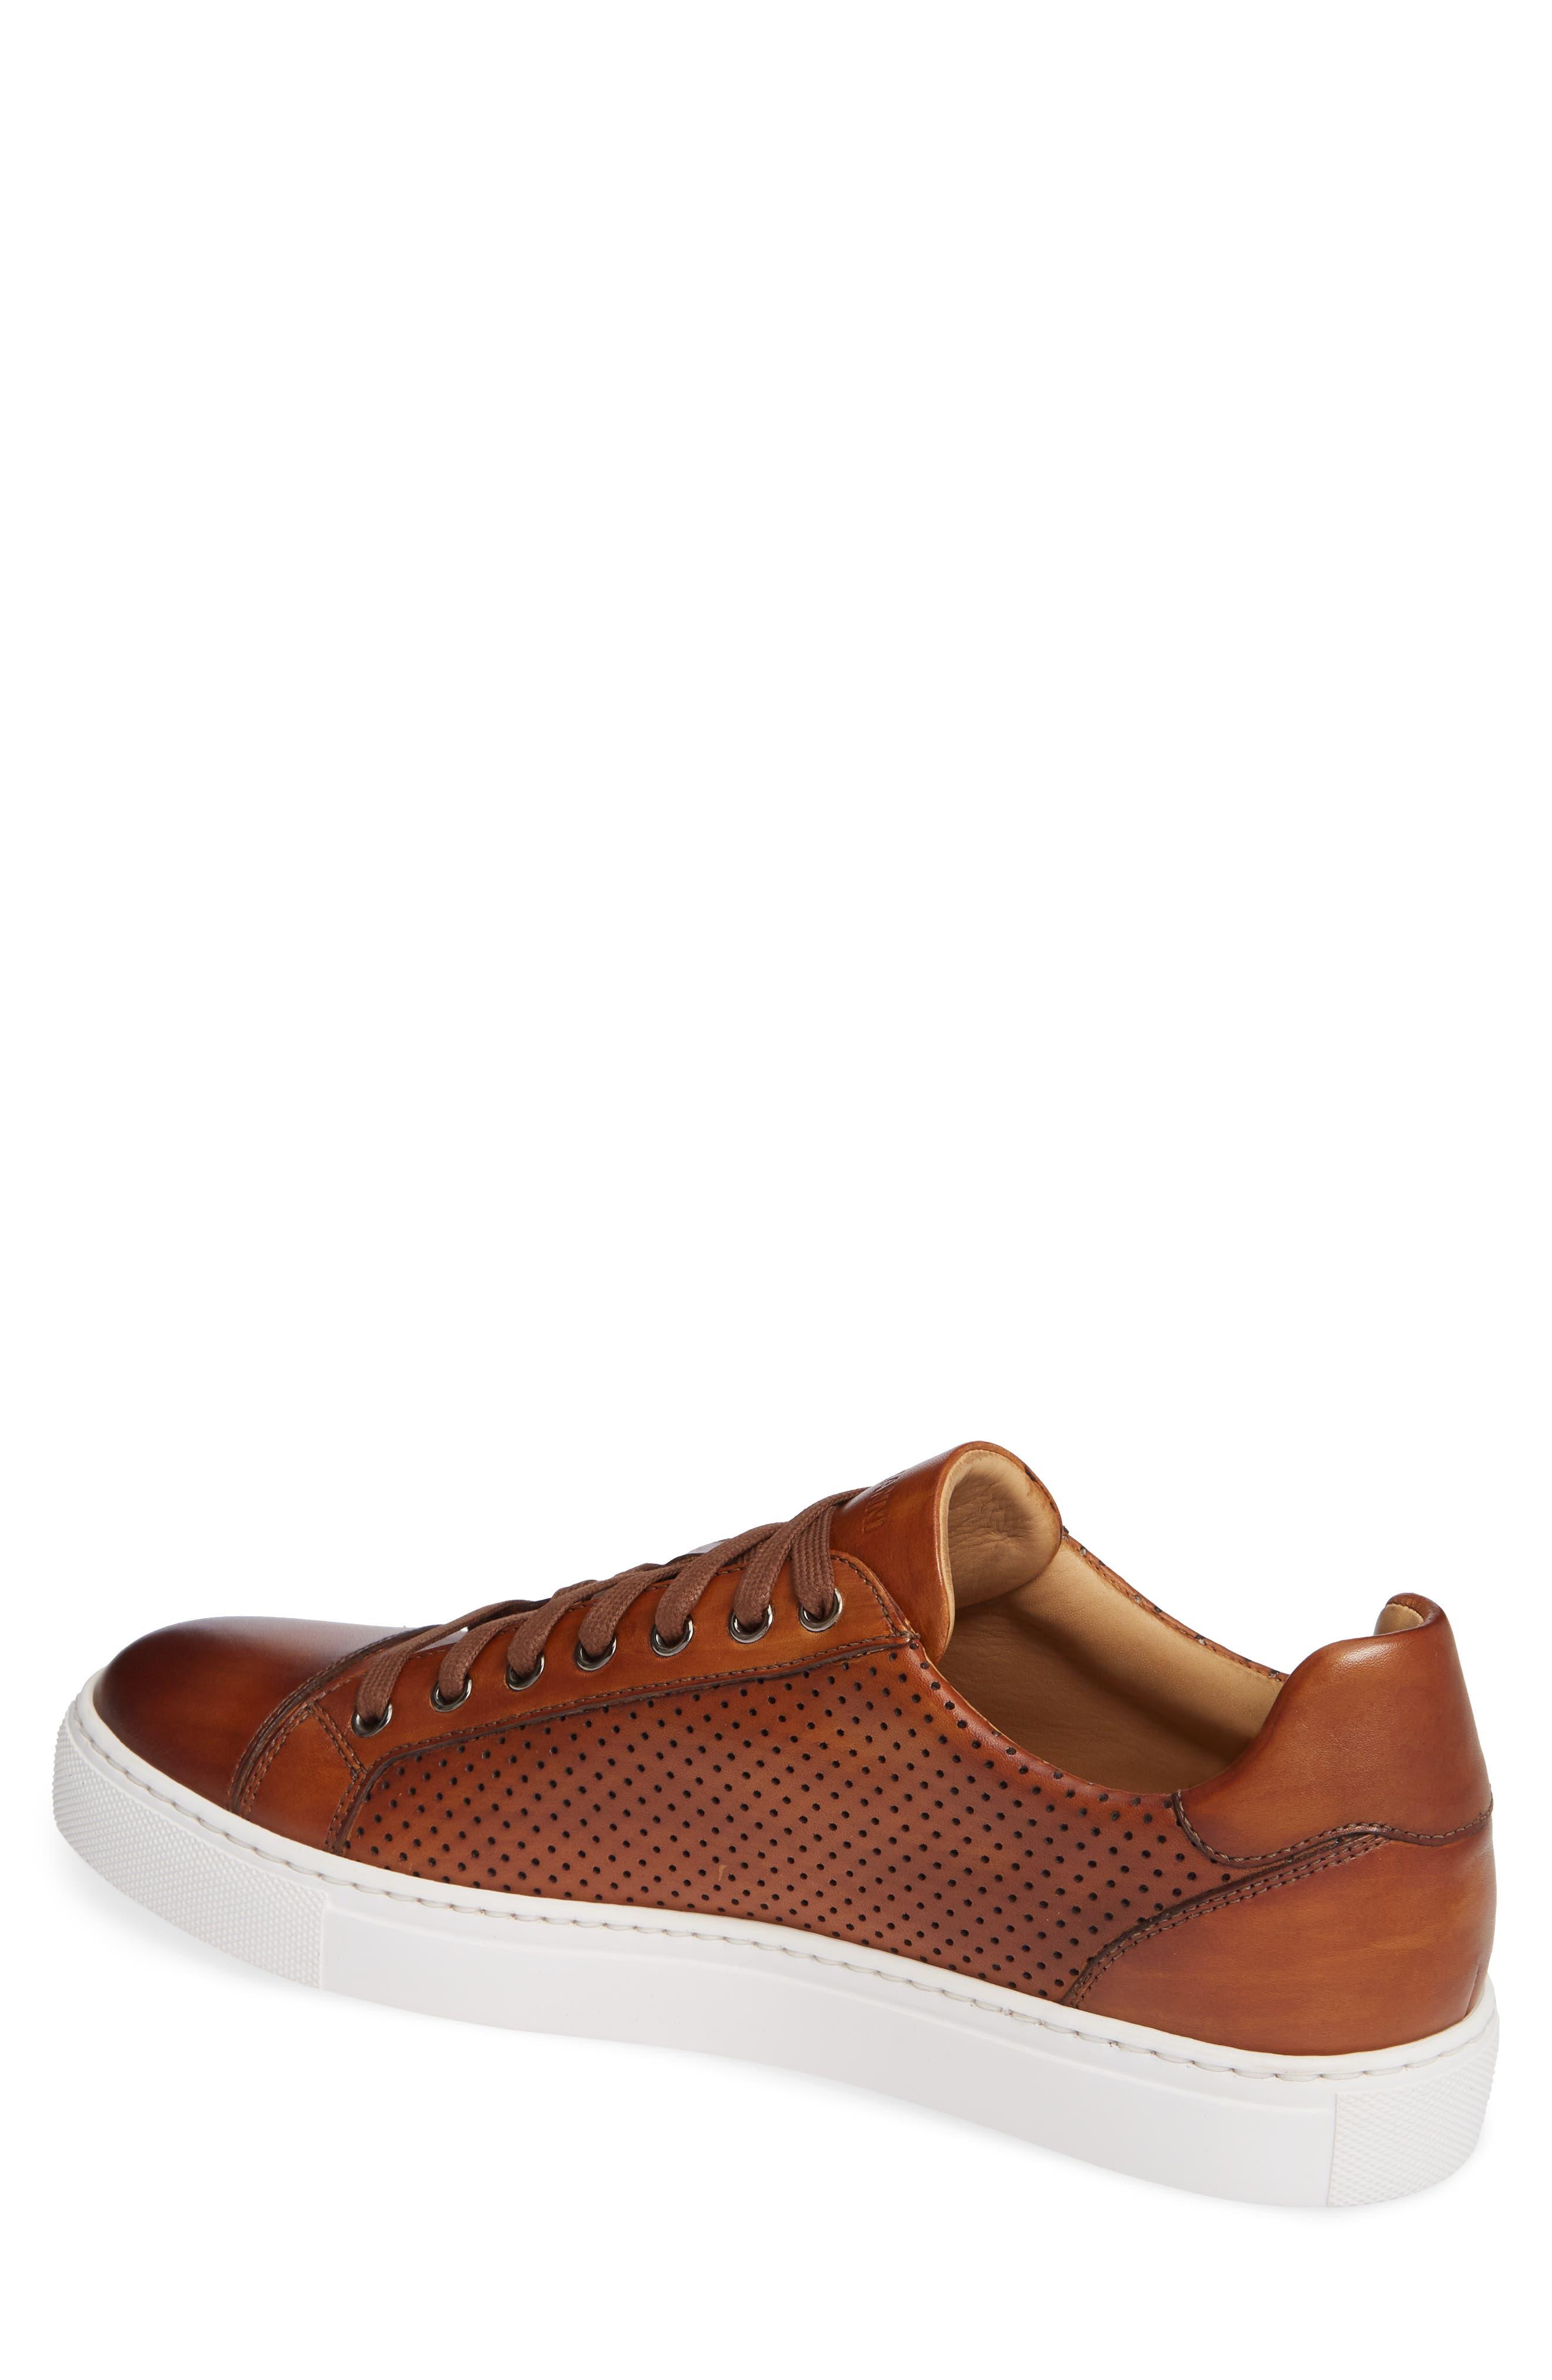 Jackson Sneaker,                             Alternate thumbnail 2, color,                             COGNAC LEATHER